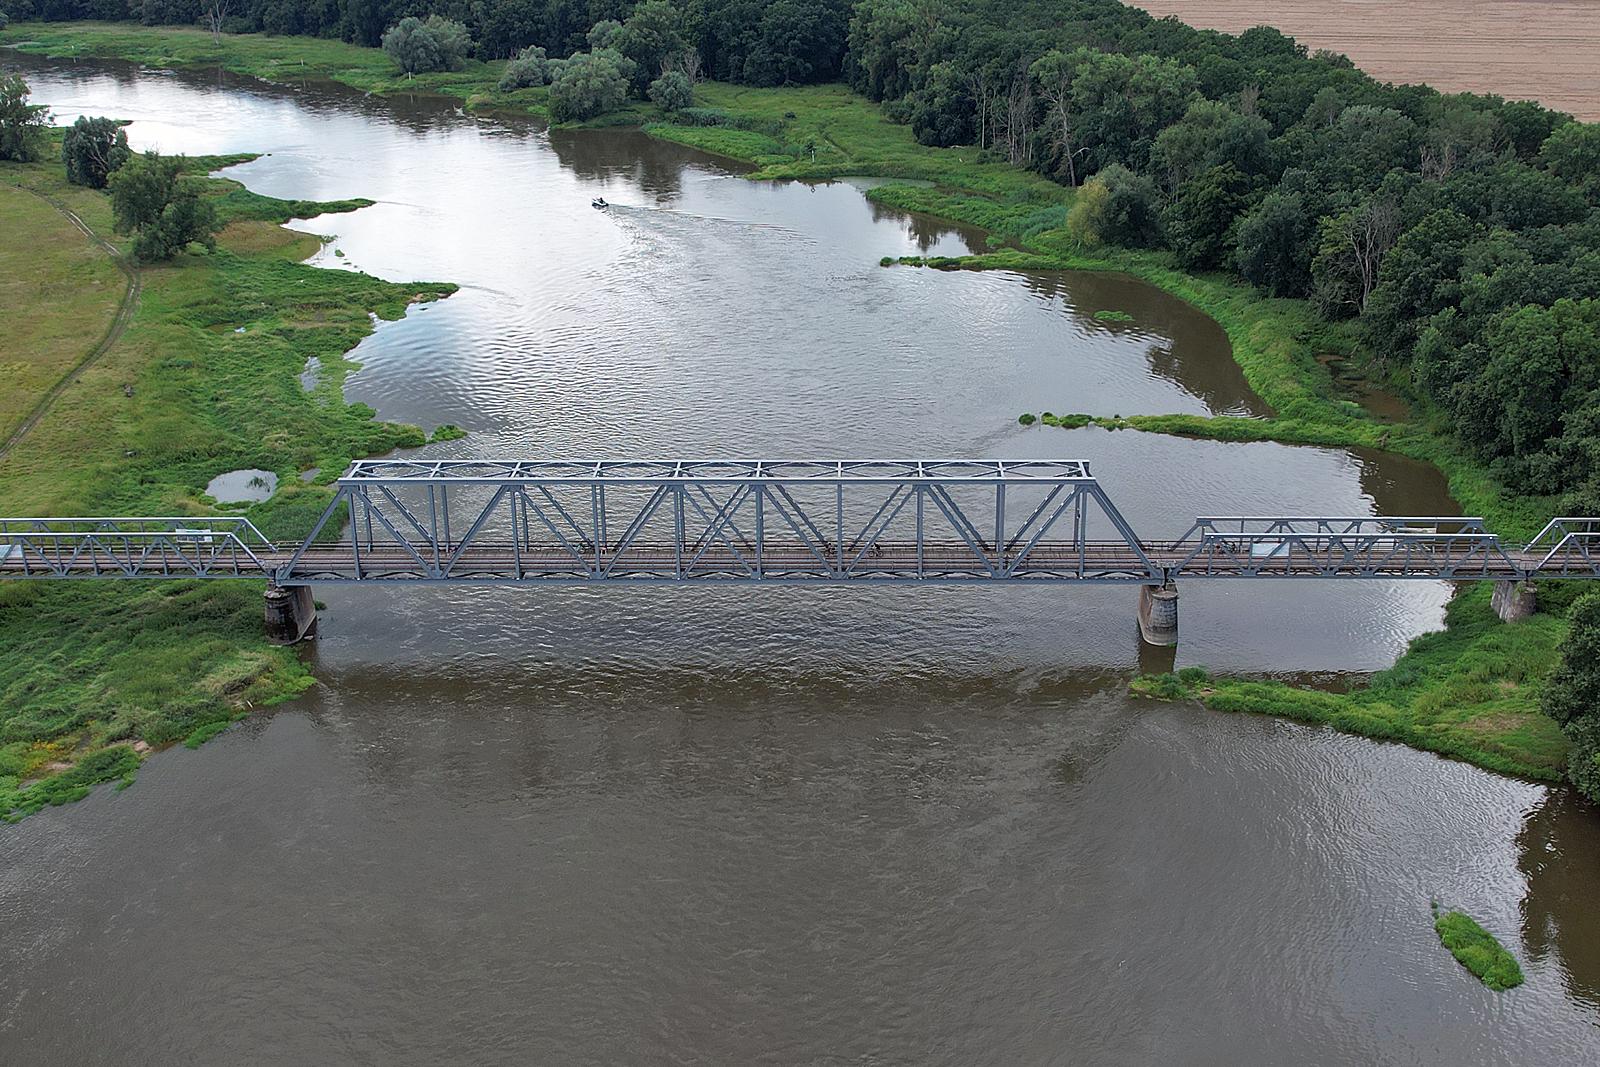 Koleją na rower - dawny most kolejowy w Stanach